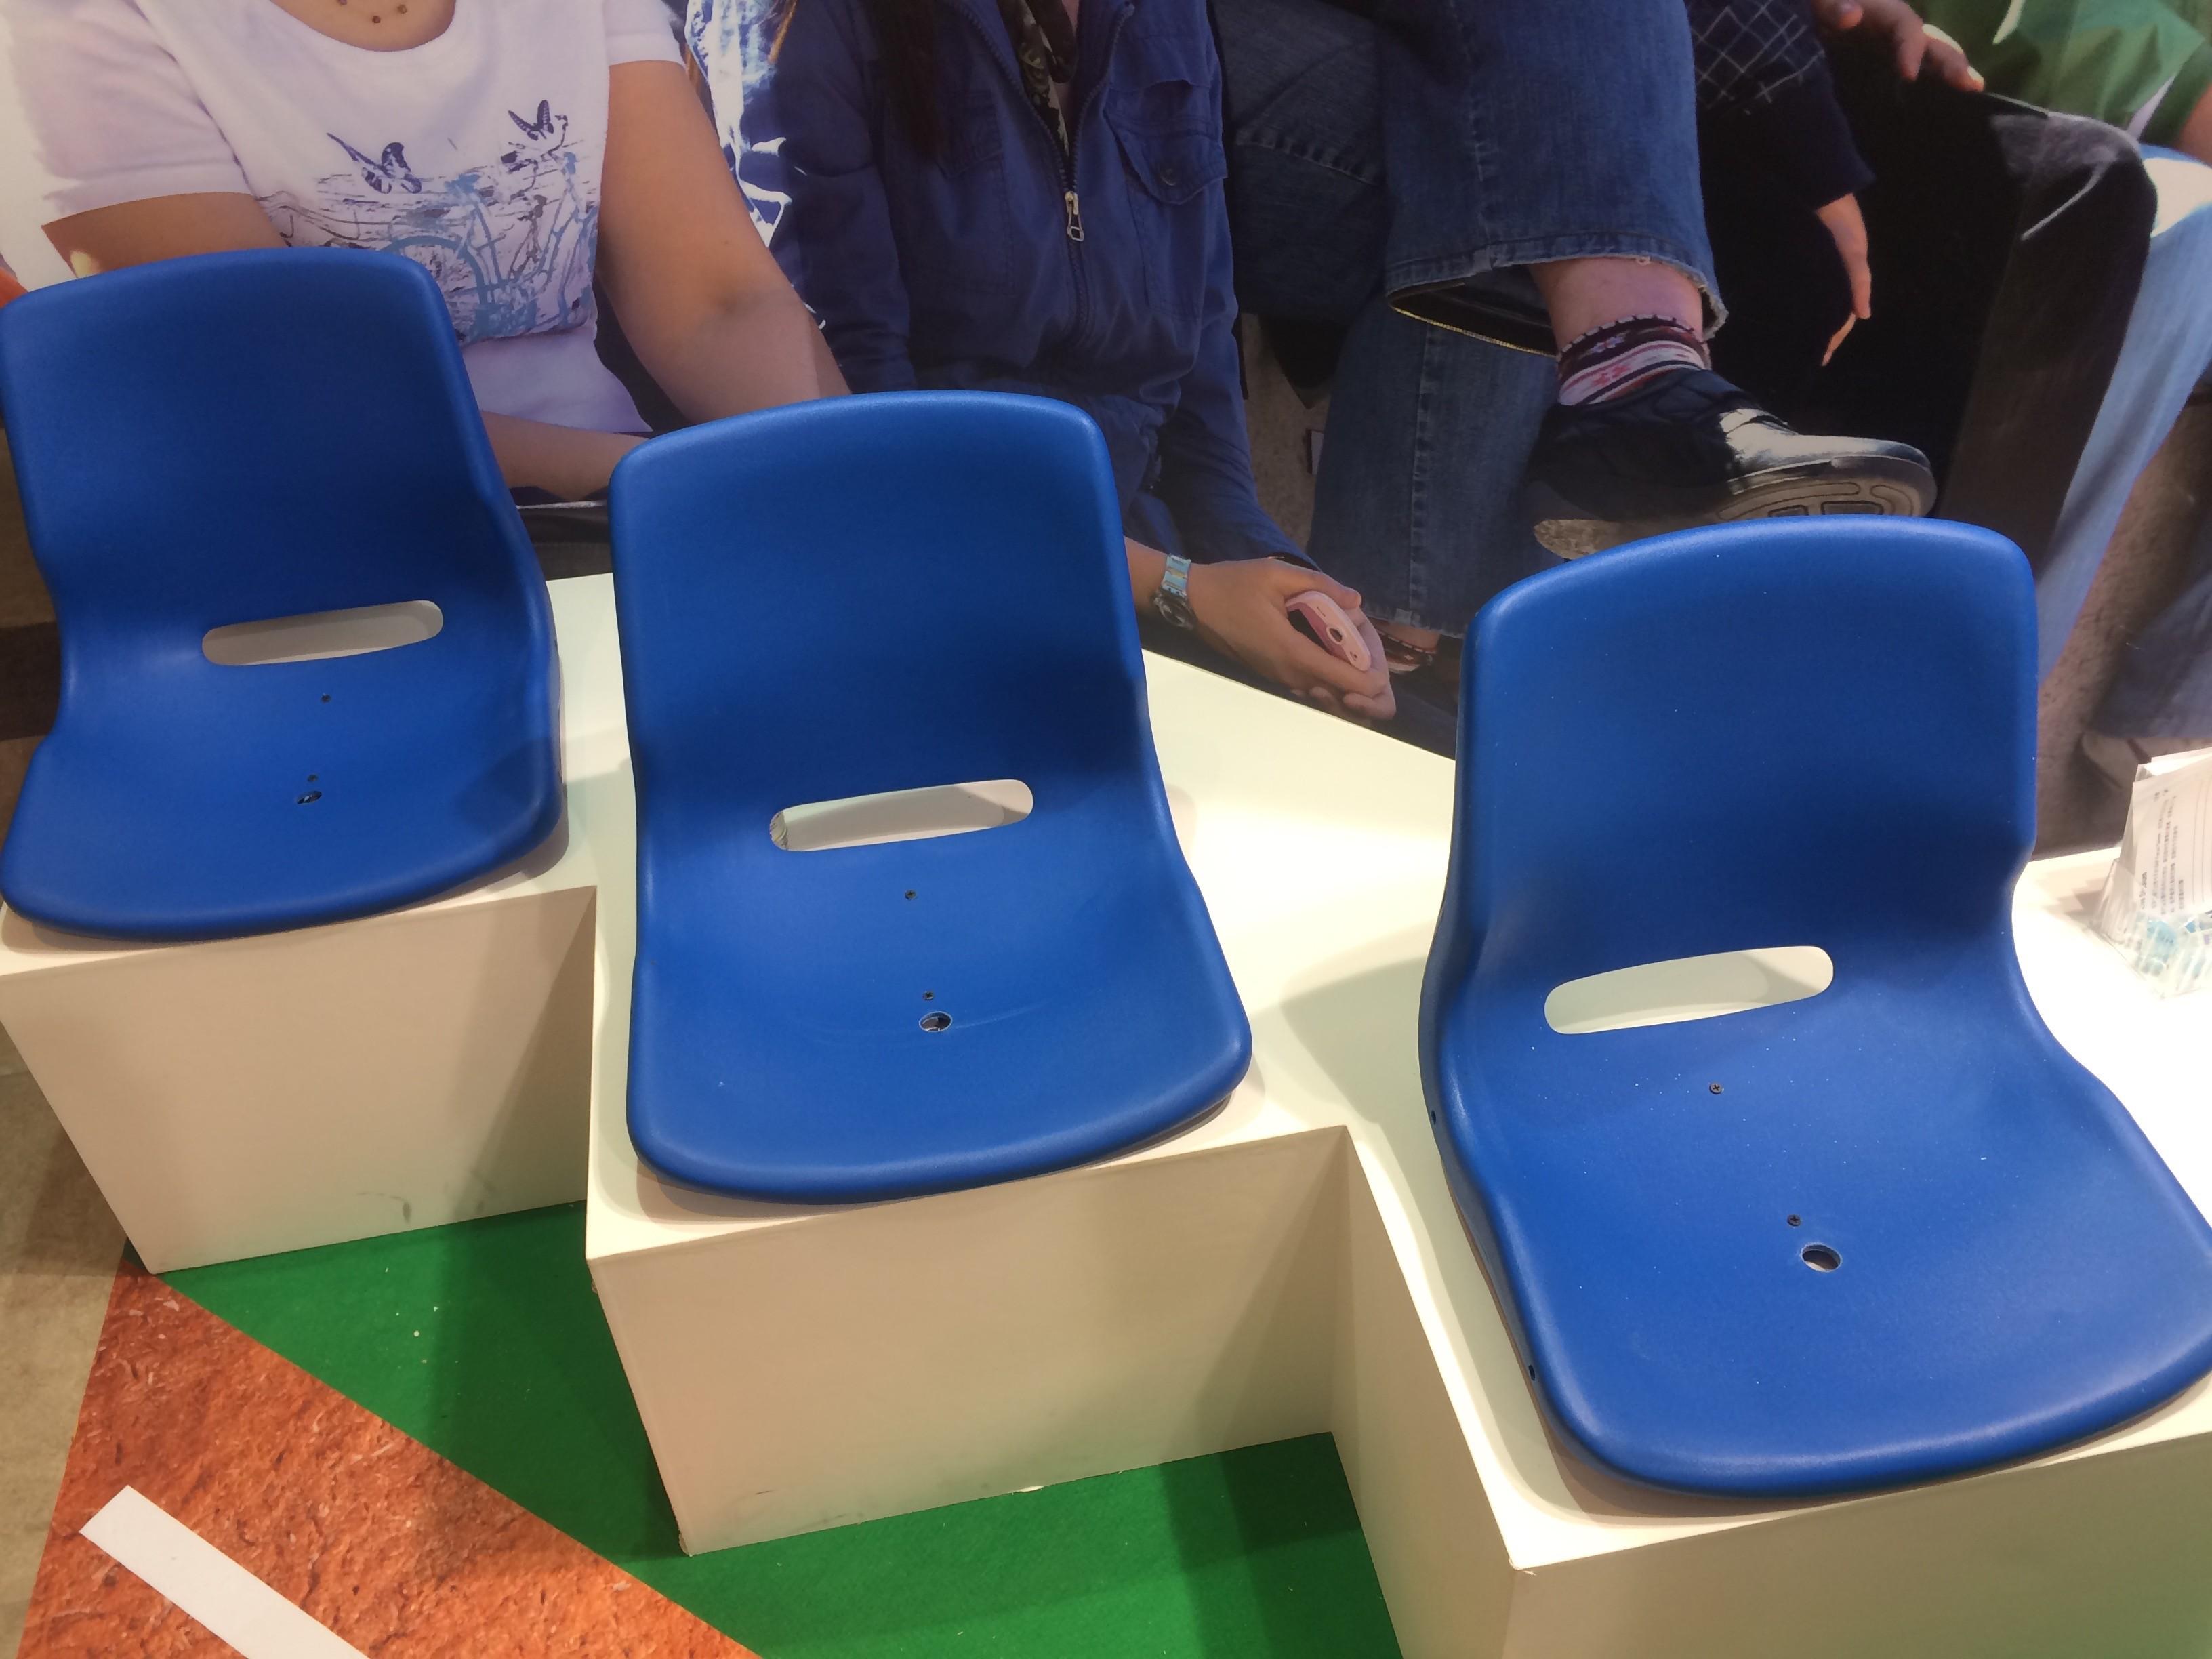 這是展示用的聯網座椅,中間的小洞裡就埋著光感測器。